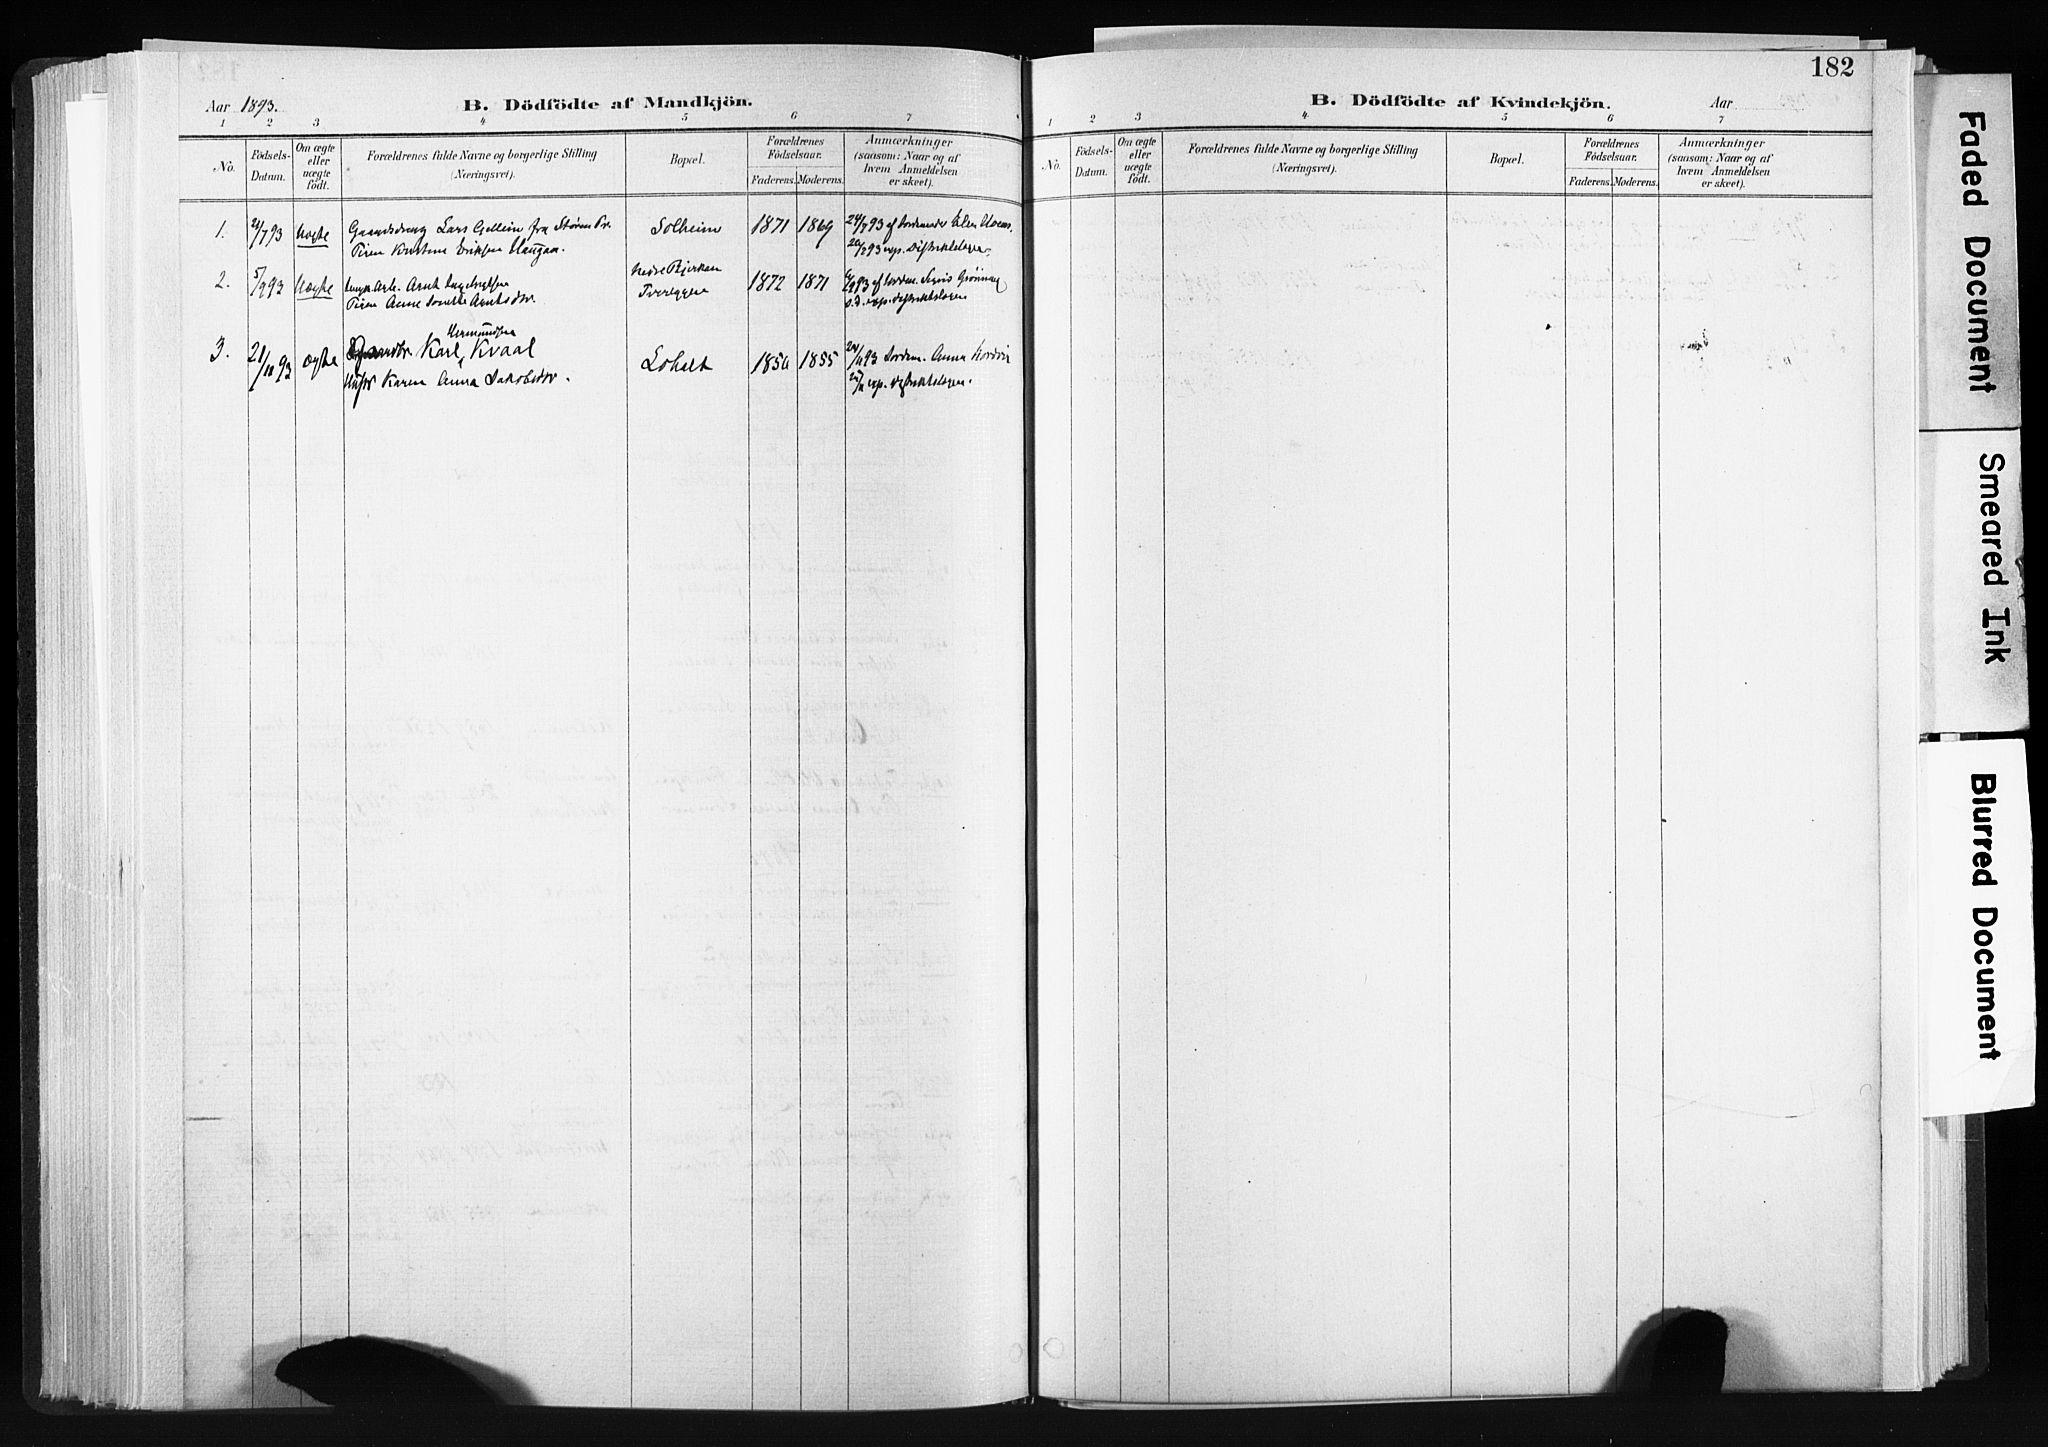 SAT, Ministerialprotokoller, klokkerbøker og fødselsregistre - Sør-Trøndelag, 606/L0300: Ministerialbok nr. 606A15, 1886-1893, s. 182